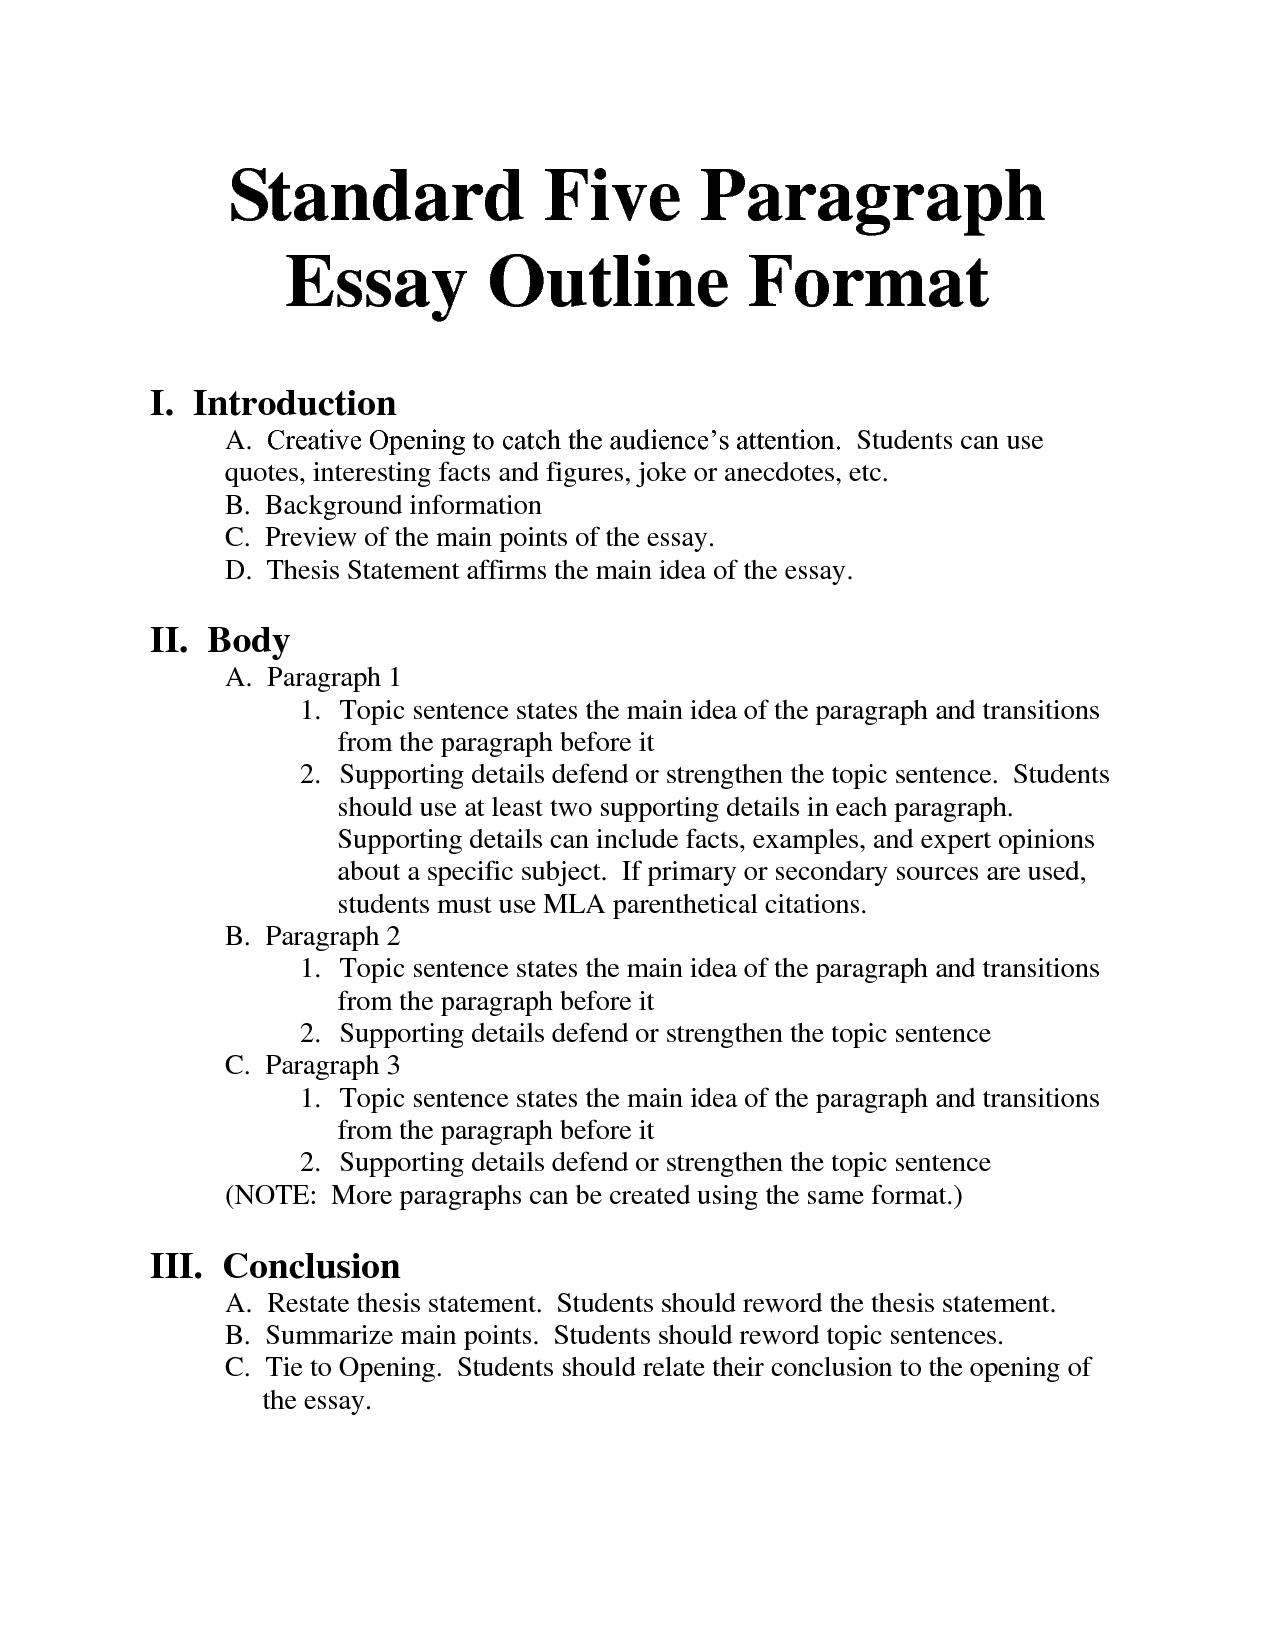 Standard Essay Outline Standard Essay Format Bing Images Essays